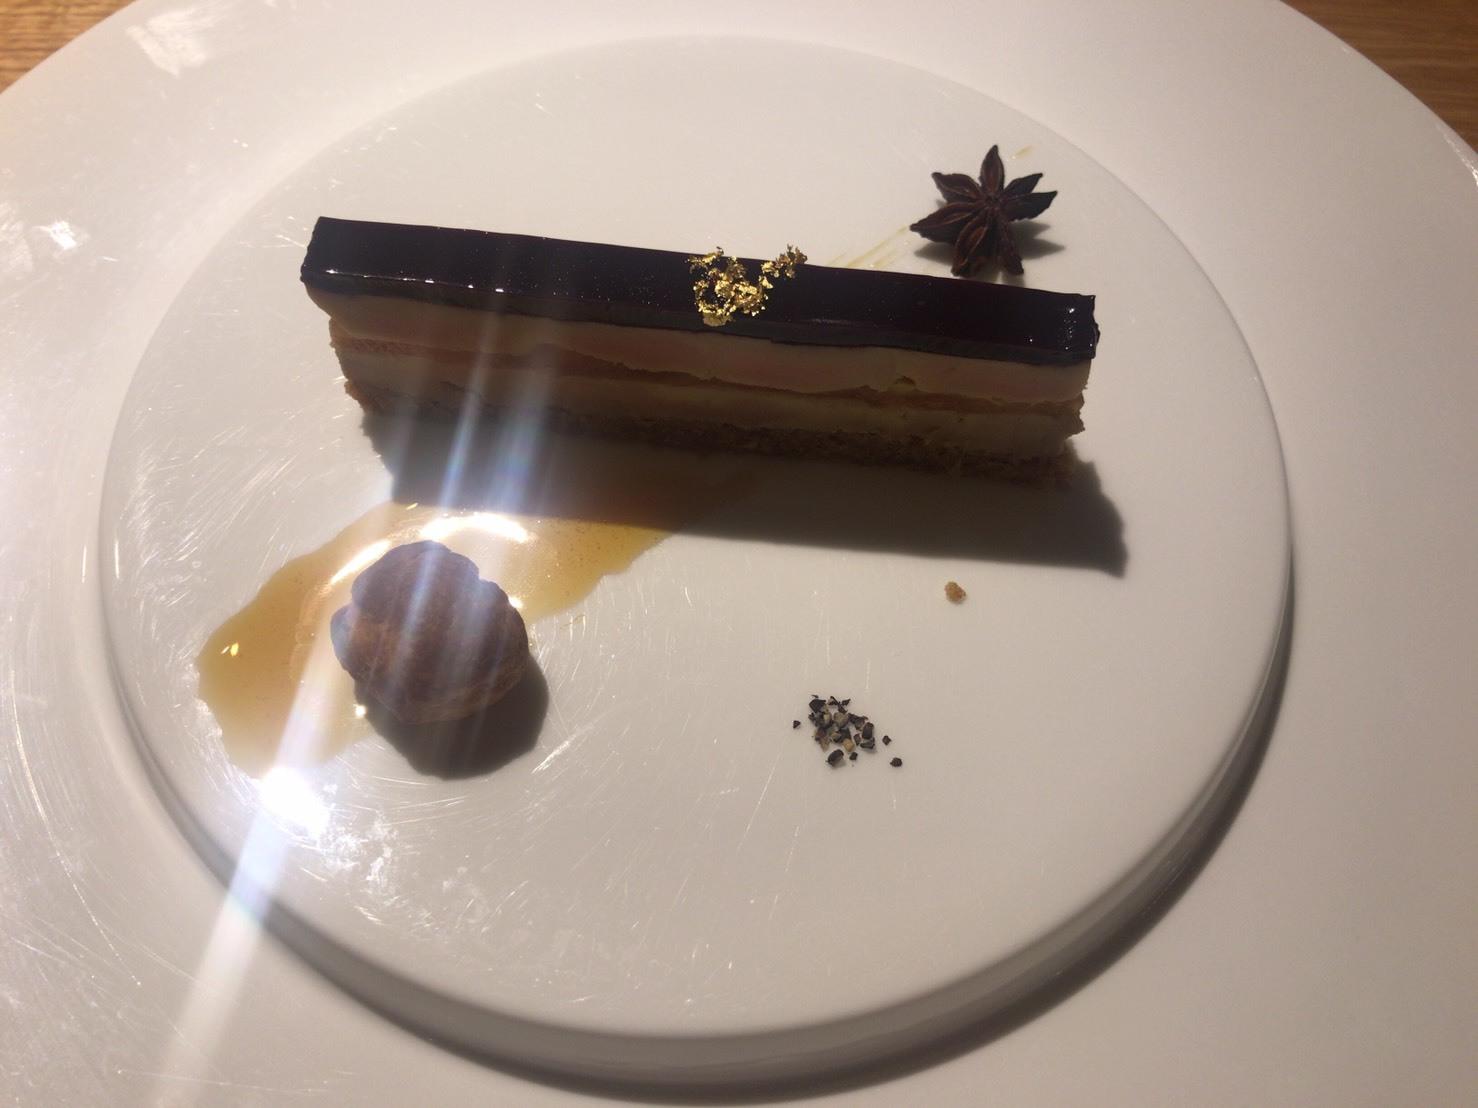 香里(家内)の東京食べある記「シュヴァル・ド・ヒョウタン」_d0177560_15073116.jpg